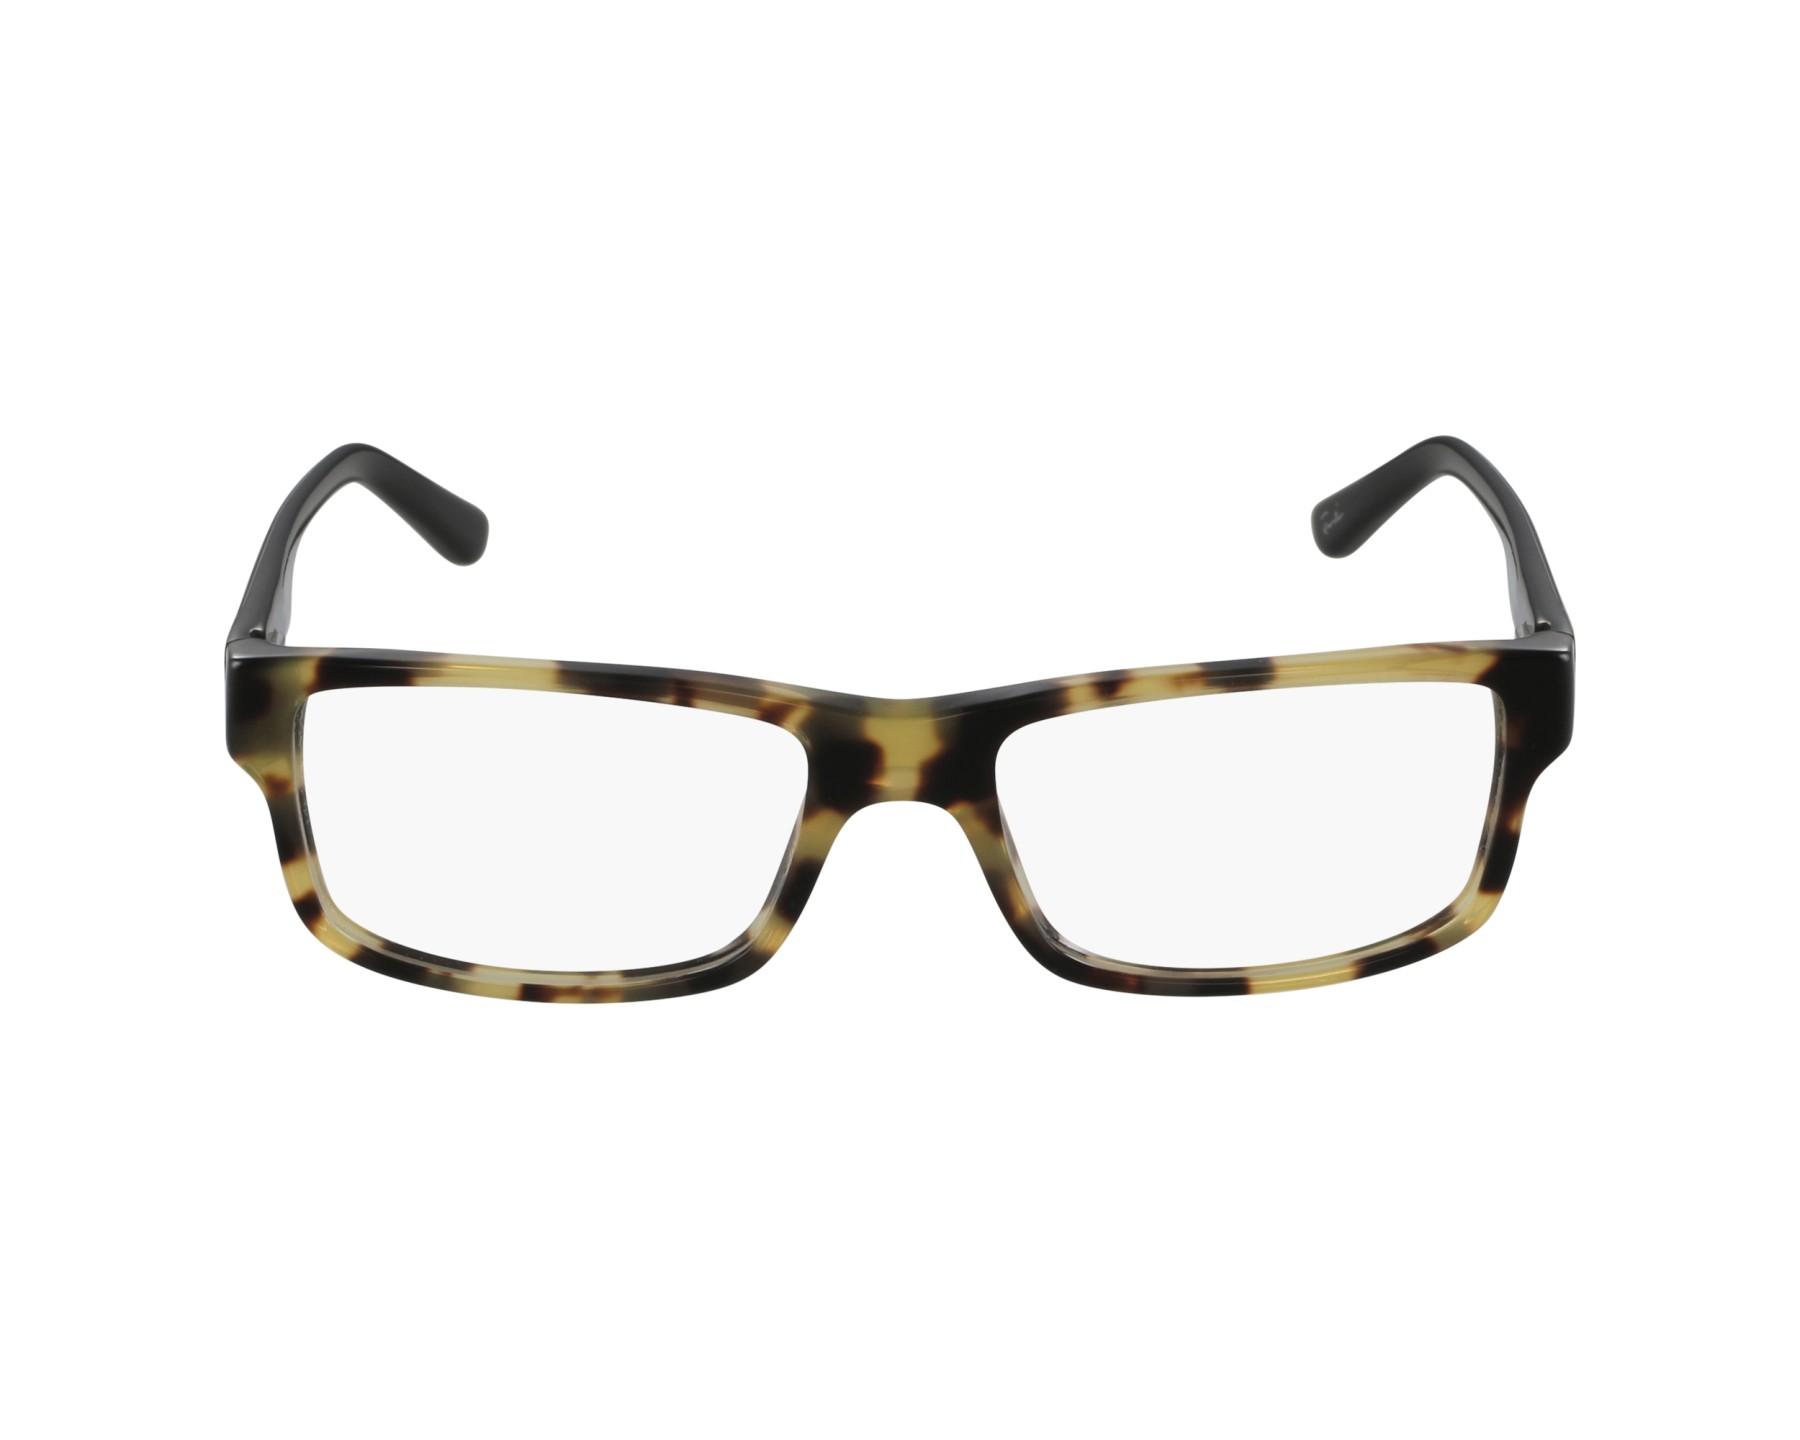 5a636502a48 thumbnail eyeglasses Ray-Ban RX-5245 5608 - Havana Black profile view